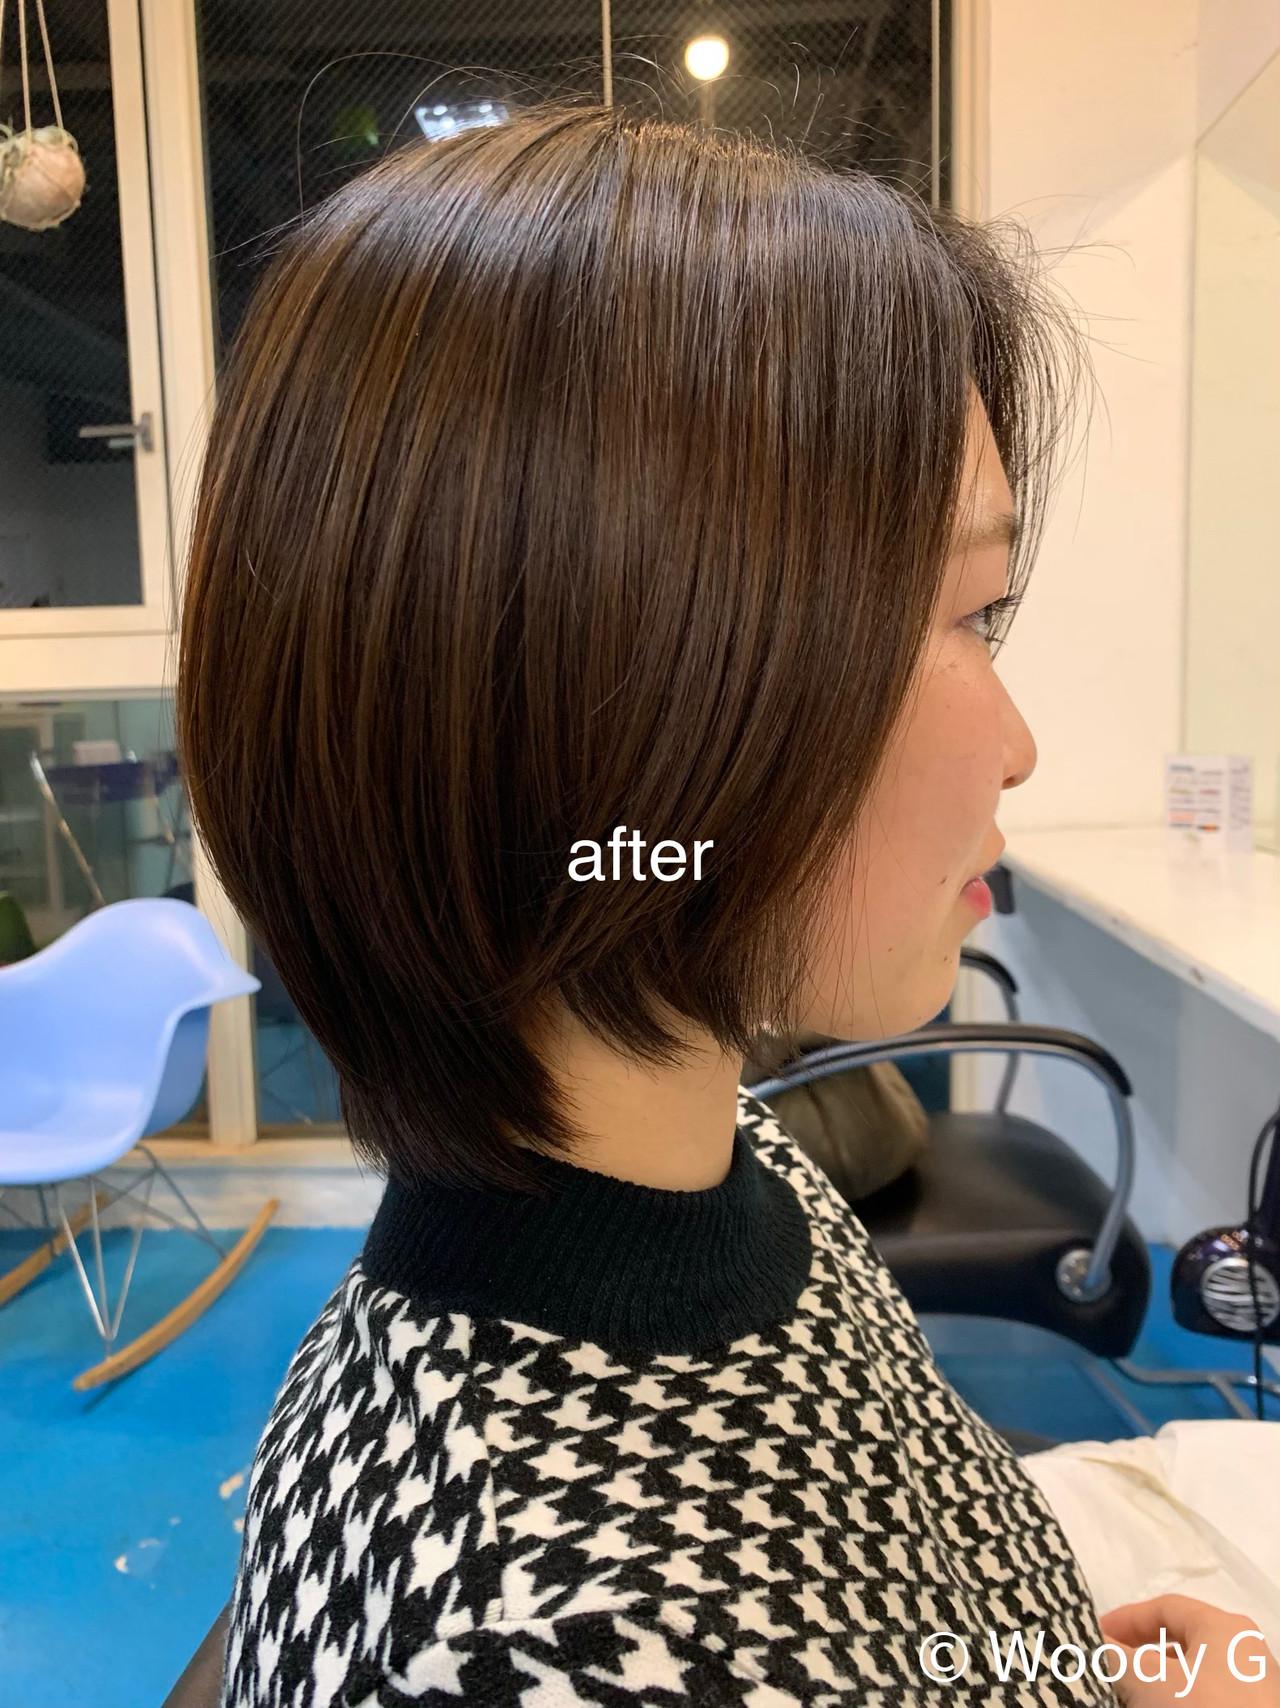 髪質硬めの動きが出づらい方のレイヤースタイル。丸みが出るようにレザーで中間部分を曲げながらカットして、流れるレイヤーを表面に入れて束を出す。